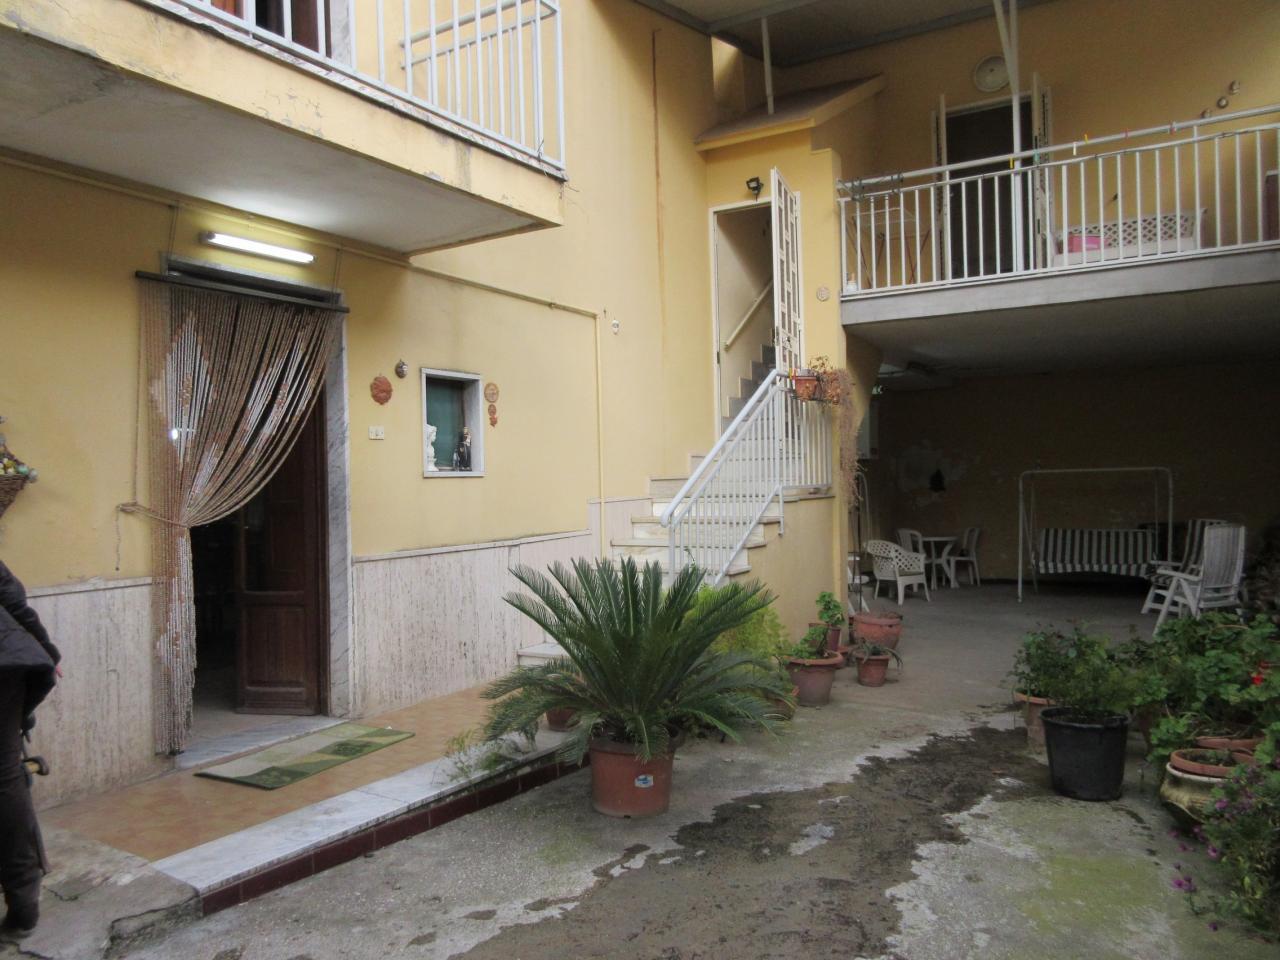 Soluzione Indipendente in vendita a Maddaloni, 9 locali, Trattative riservate | Cambio Casa.it